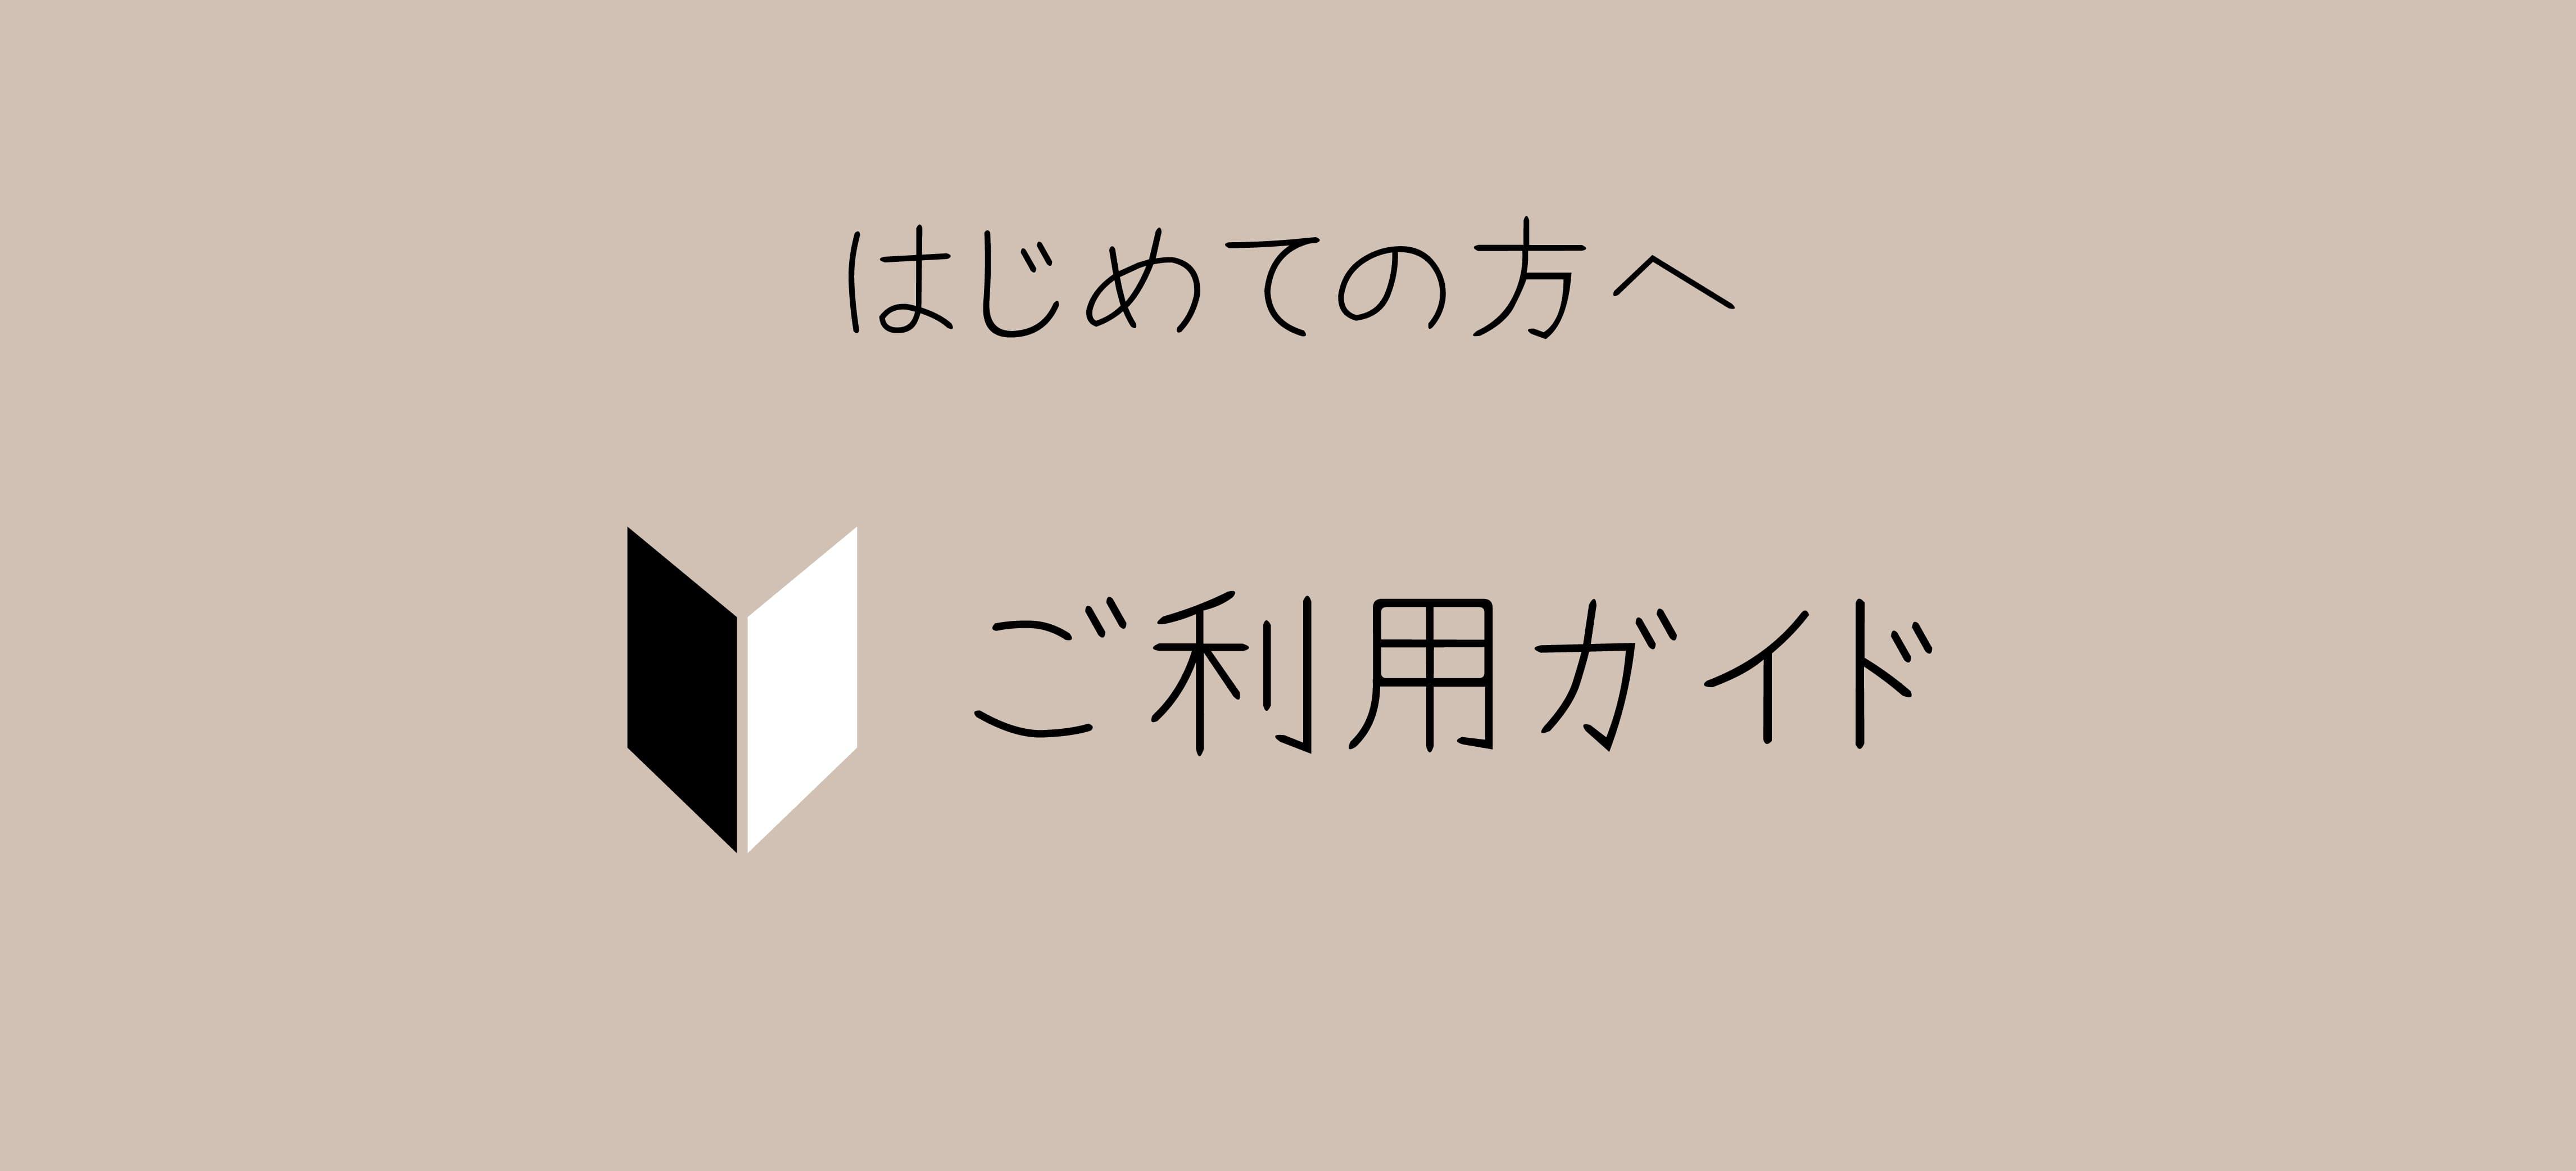 【はじめての方へ】ご利用ガイド